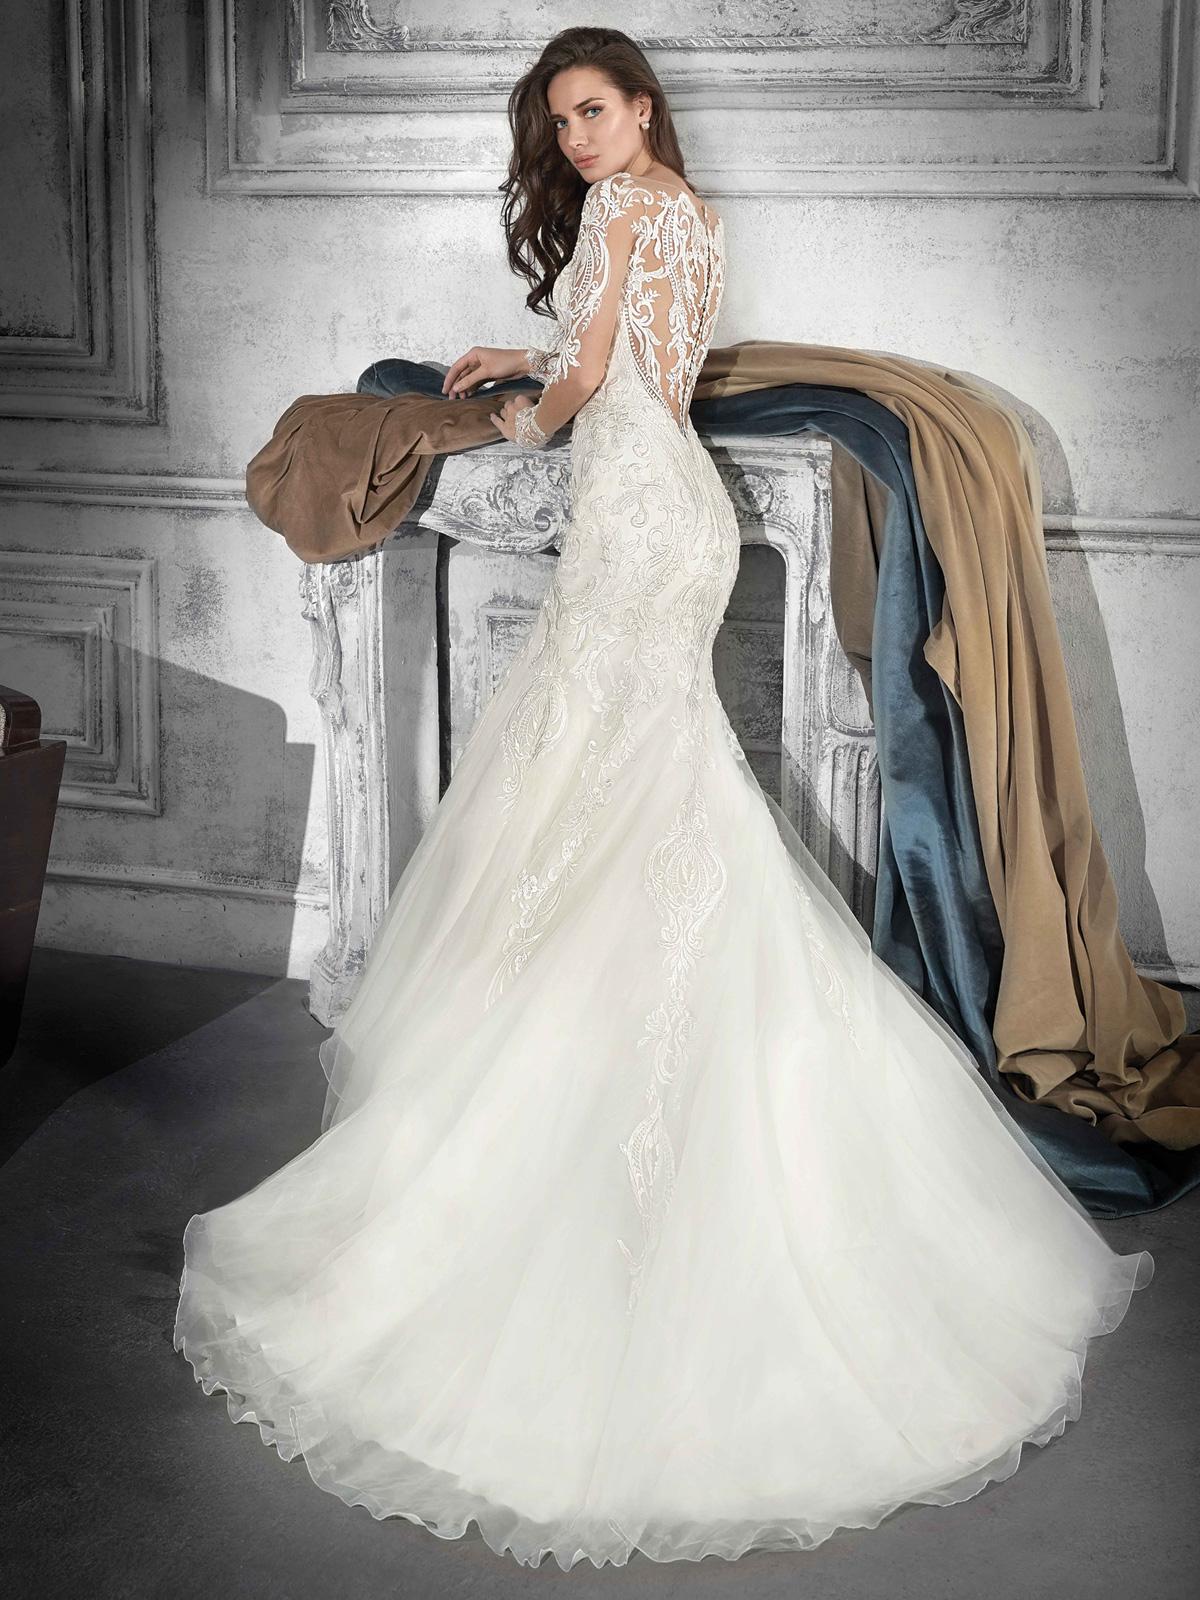 Vestido de Noiva de renda em arabescos com caimento sereia maravilhoso ! Caimento impecável e decote que valoriza a noiva !! Moderno e atual só tem uma palavra : deslumbrante !!